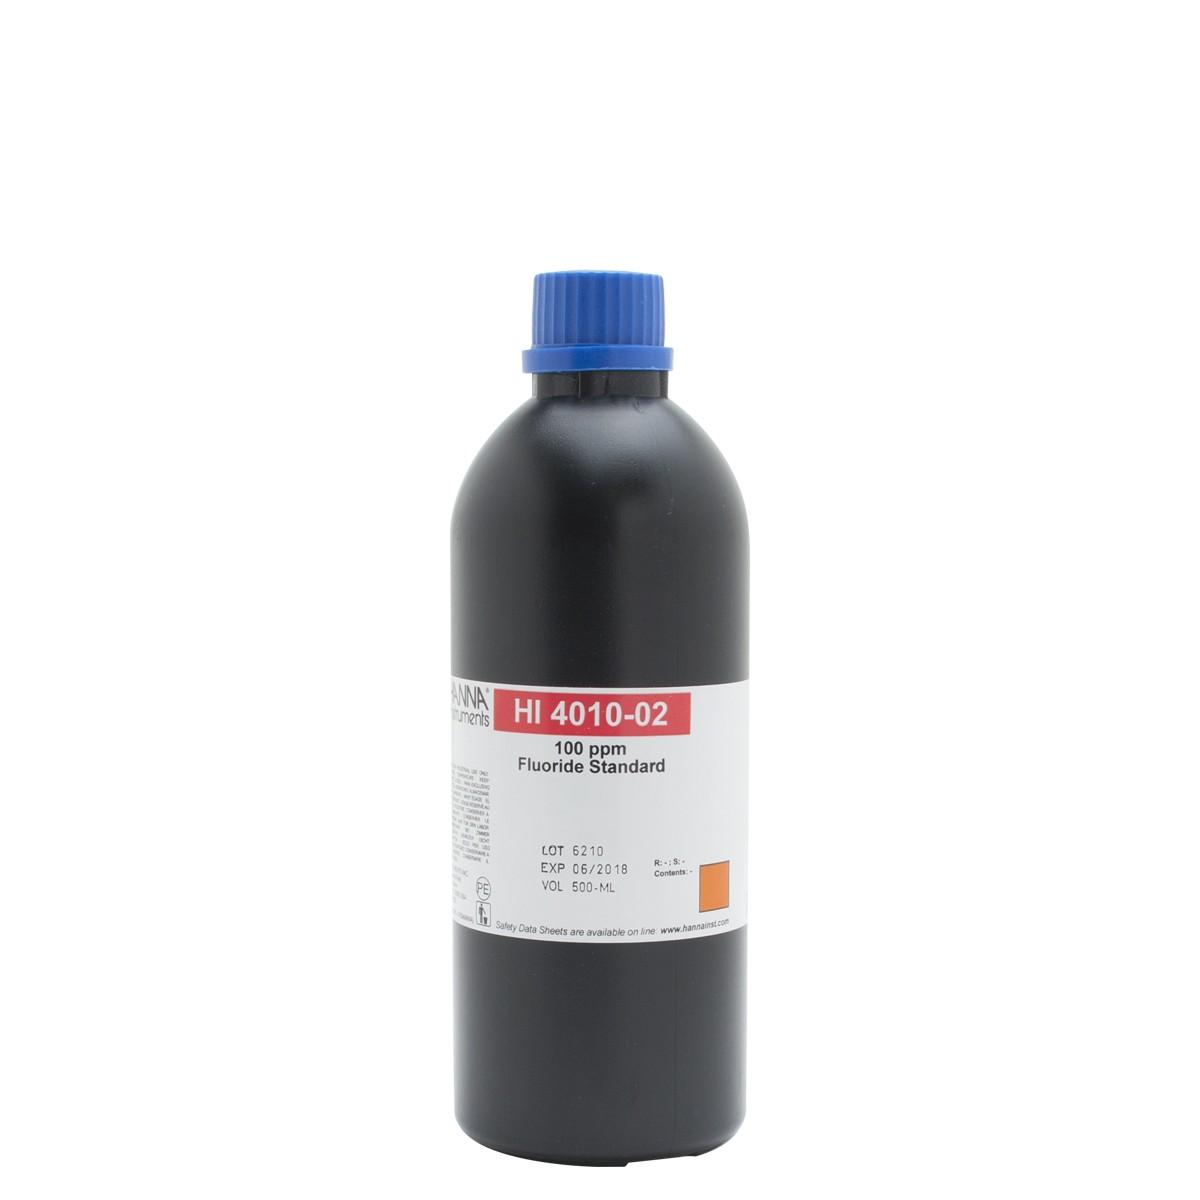 Fluoride ISE 100 ppm Standard - HI4010-02